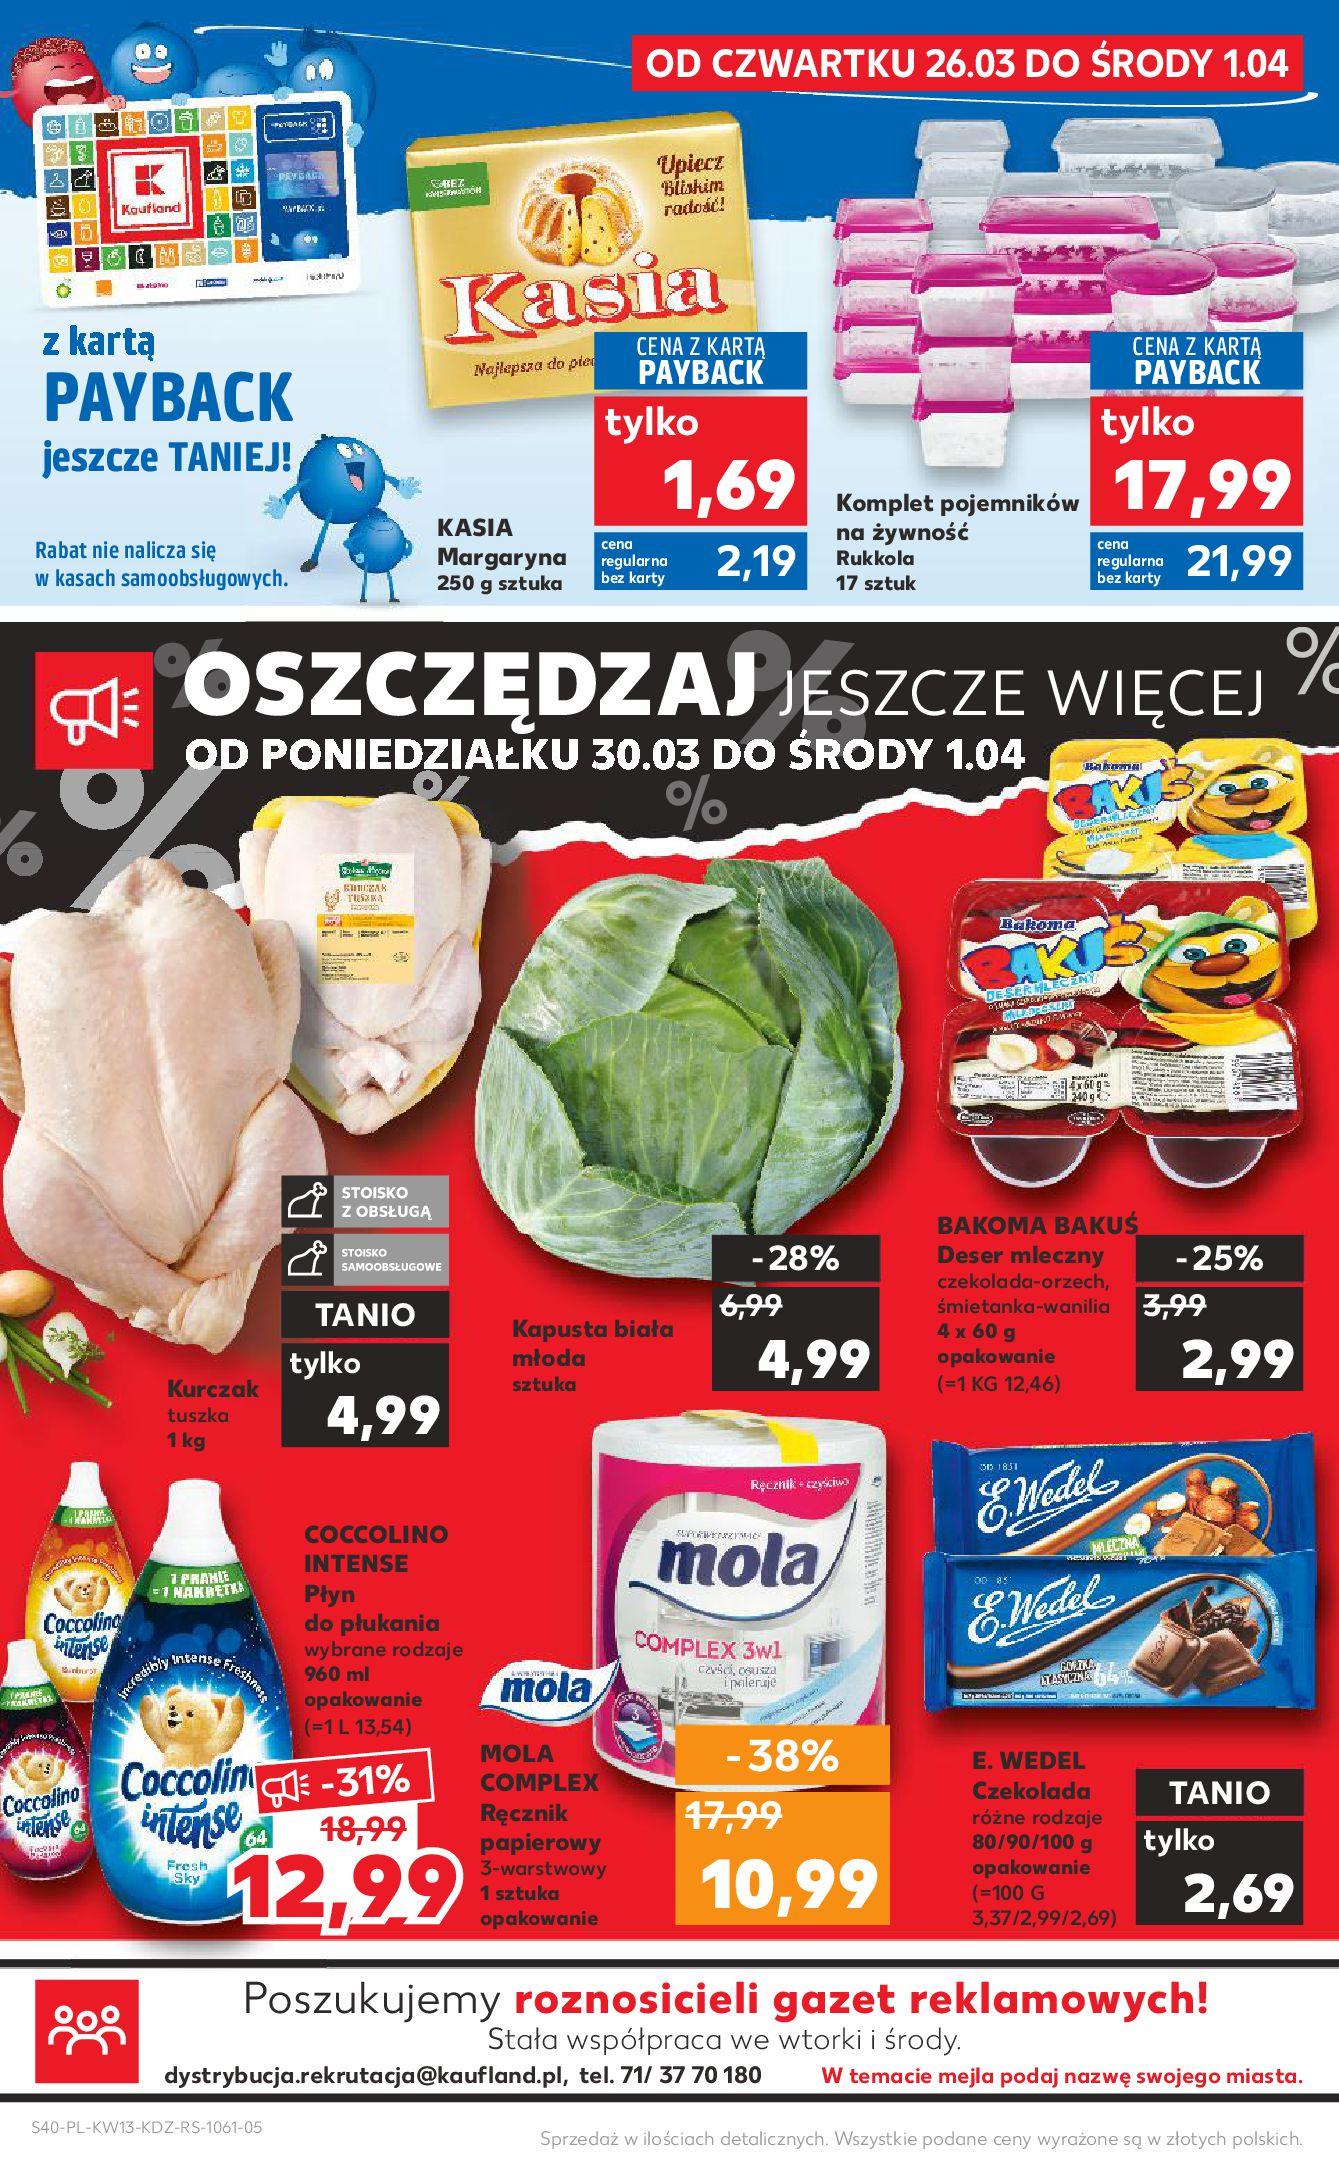 Gazetka Kaufland - Na dobry tydzień-25.03.2020-01.04.2020-page-40